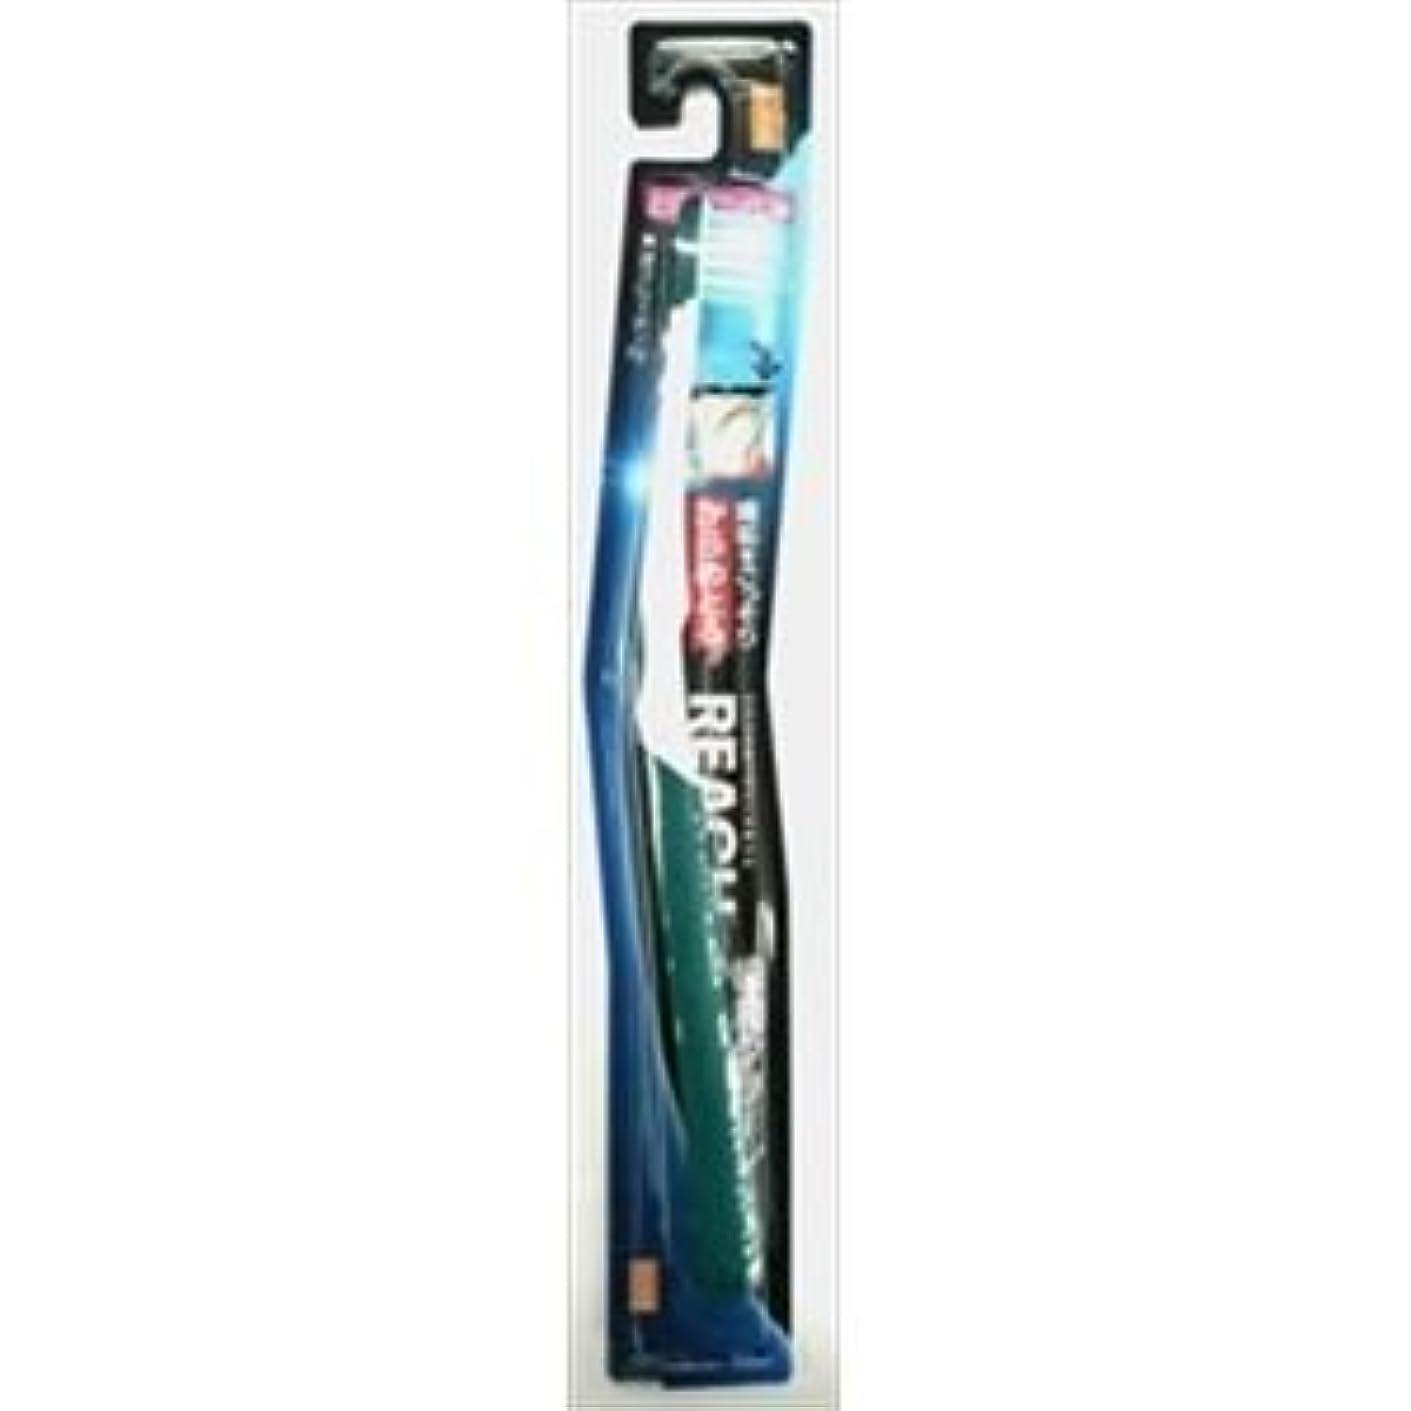 賞賛するランタンペンス(まとめ)銀座ステファニー リーチ歯ブラシ リーチ 歯周クリーン とってもコンパクト やわらかめ 【×5点セット】